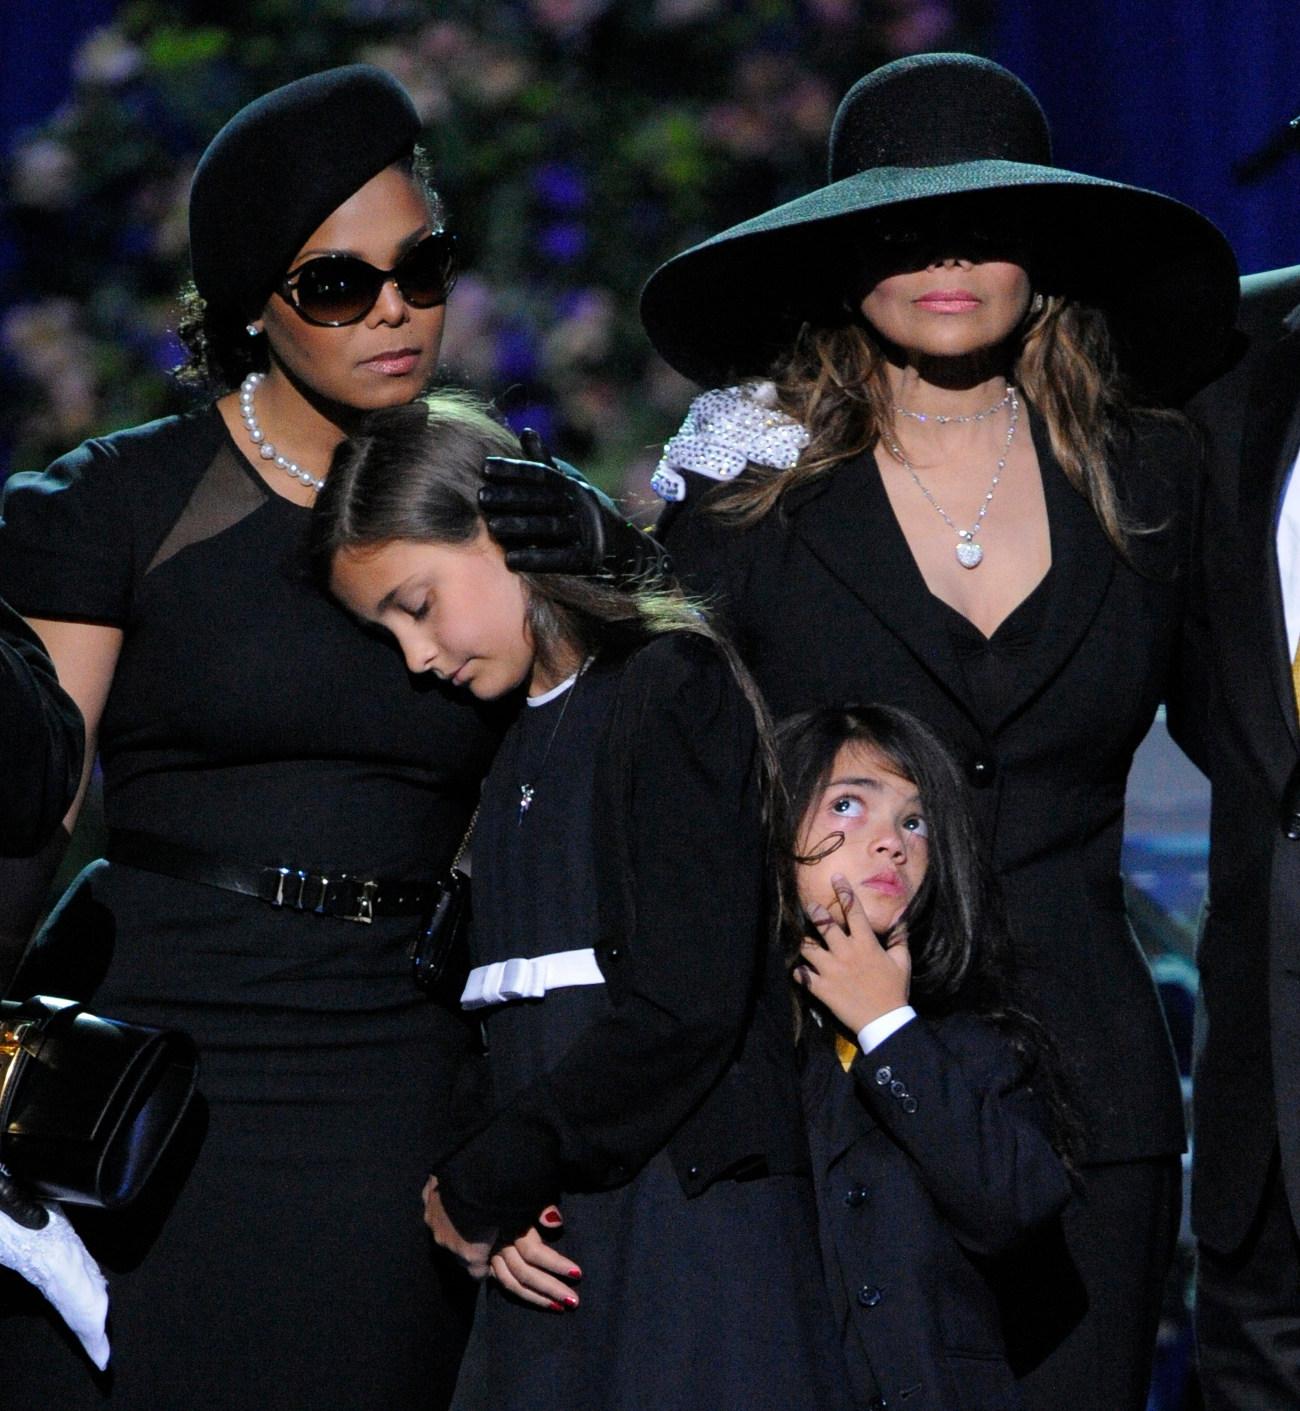 Η Τζάνετ Τζάκσον (δεξιά) και η Λατόγια Τζάκσον στην κηδεία του αδερφού τους Μάικλ το καλοκαίρι του 2009